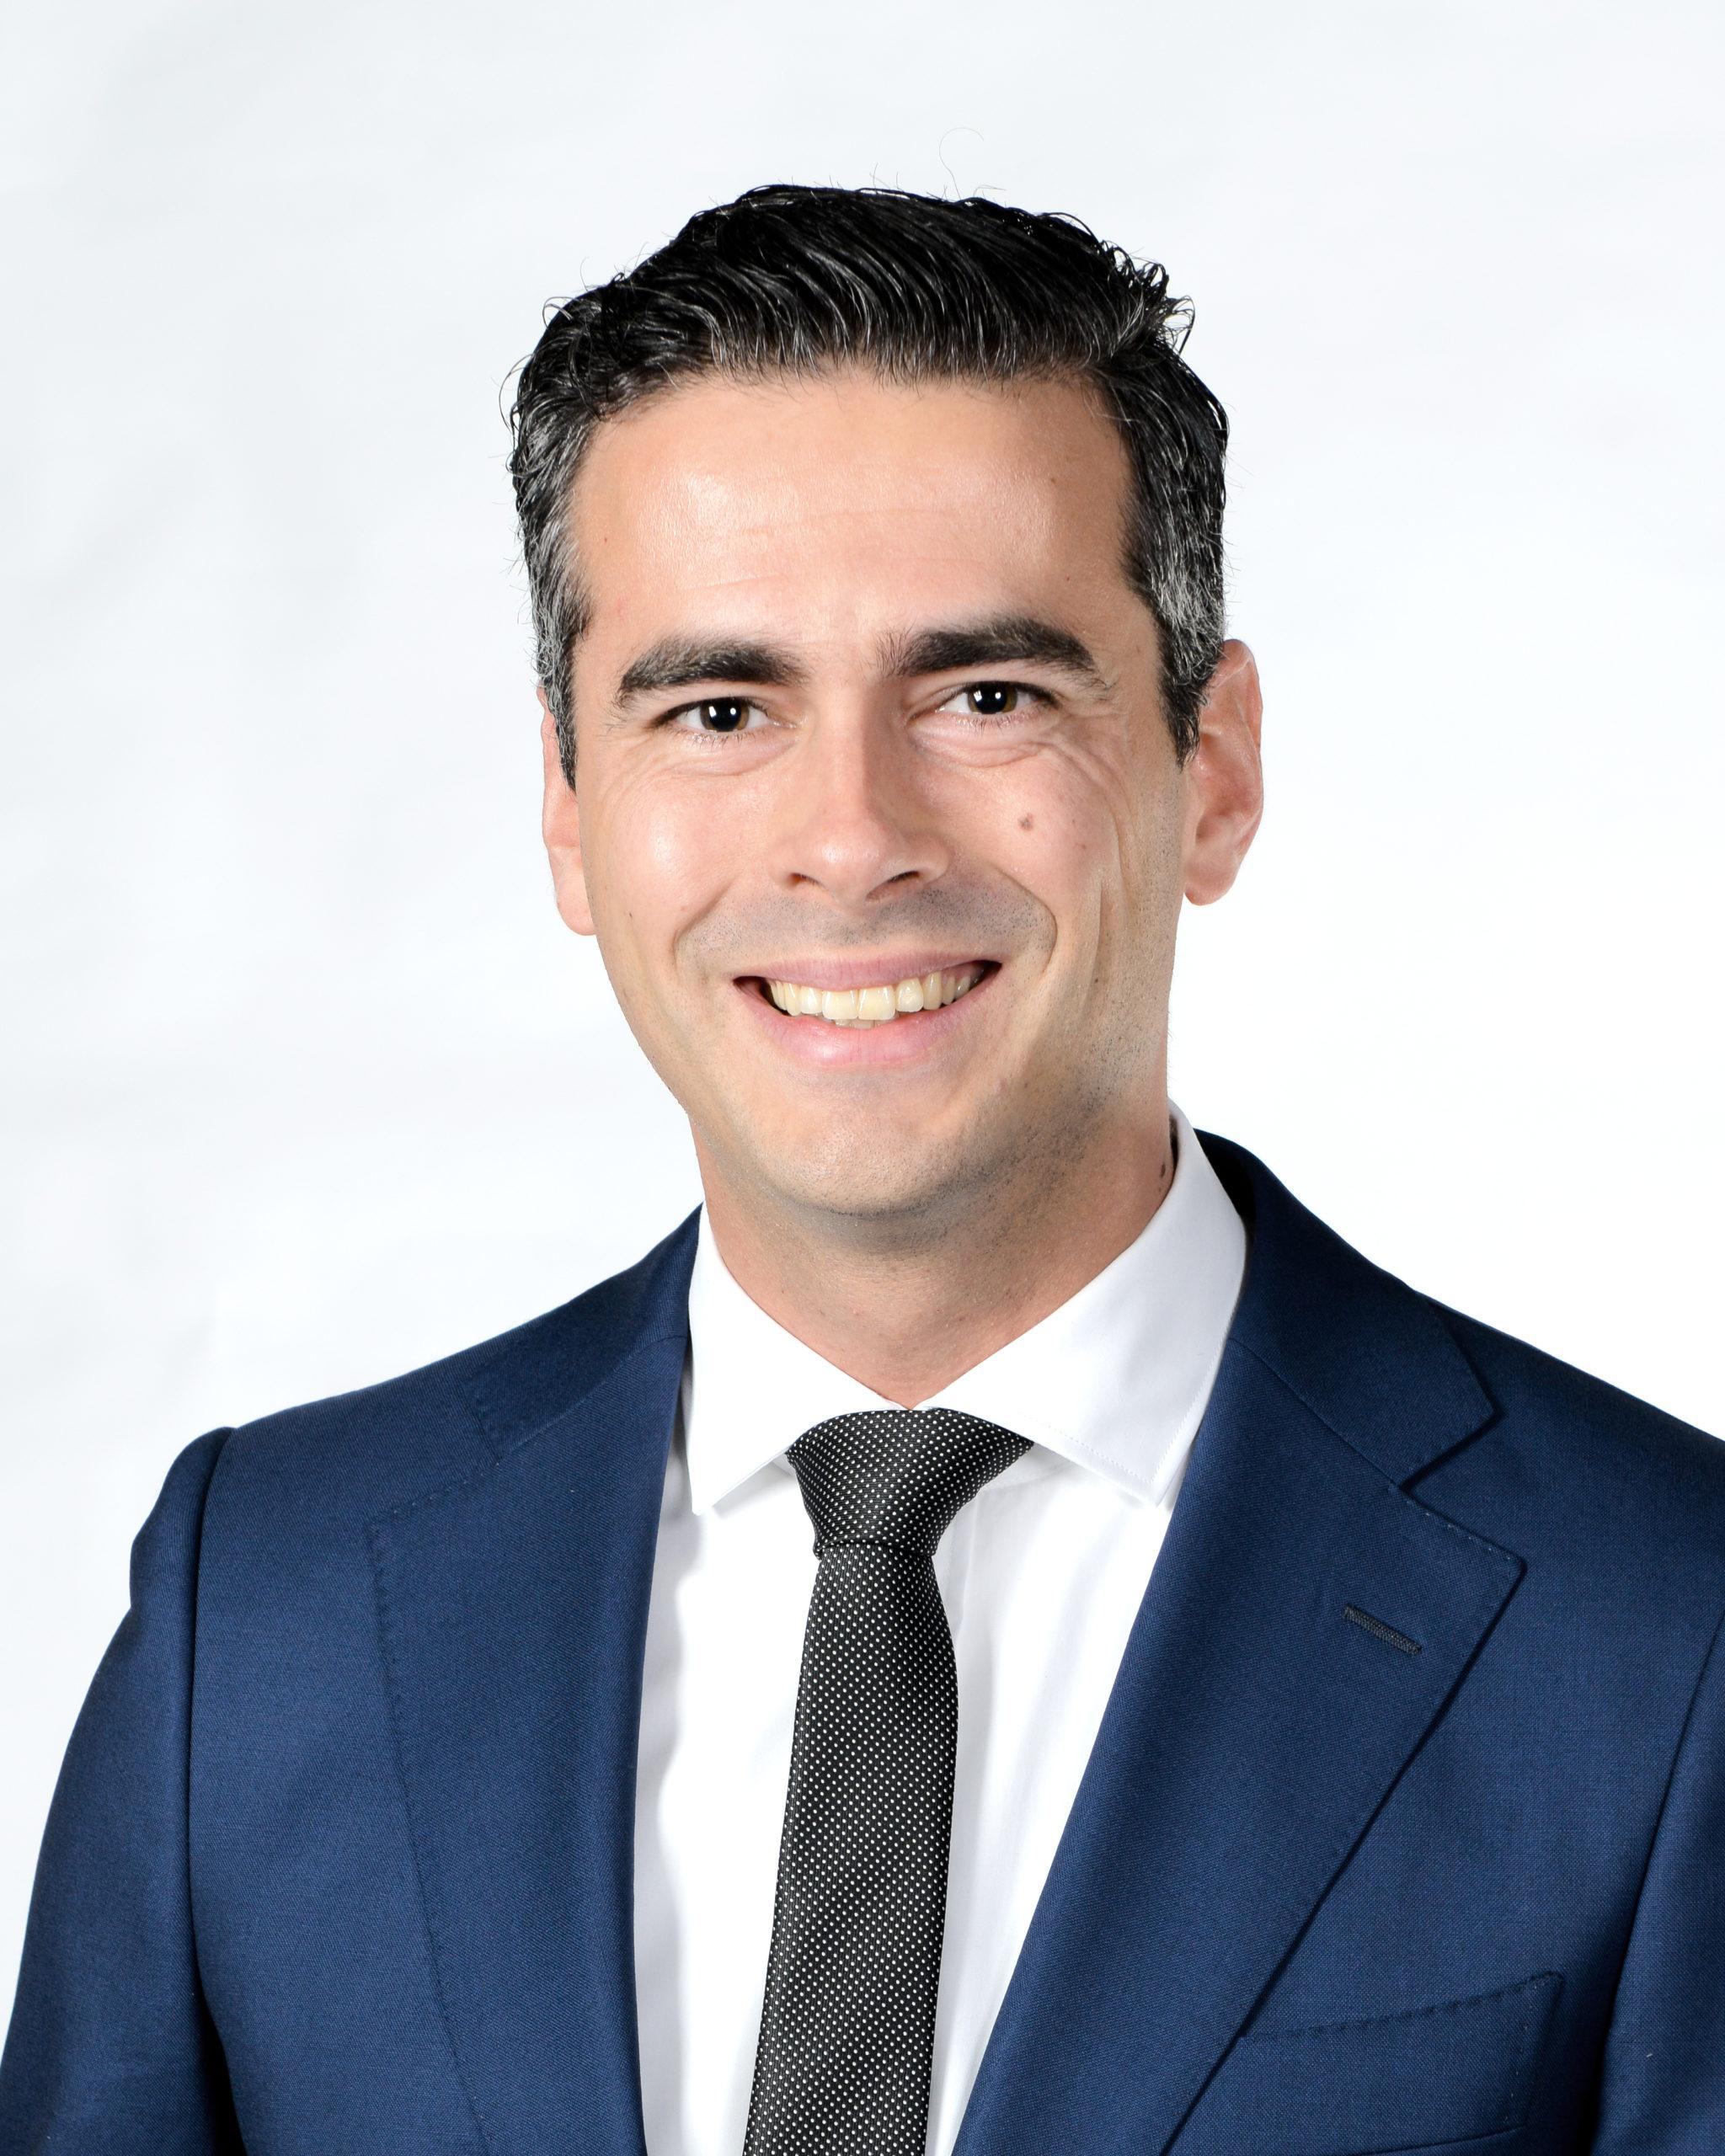 Simon Nicolaas